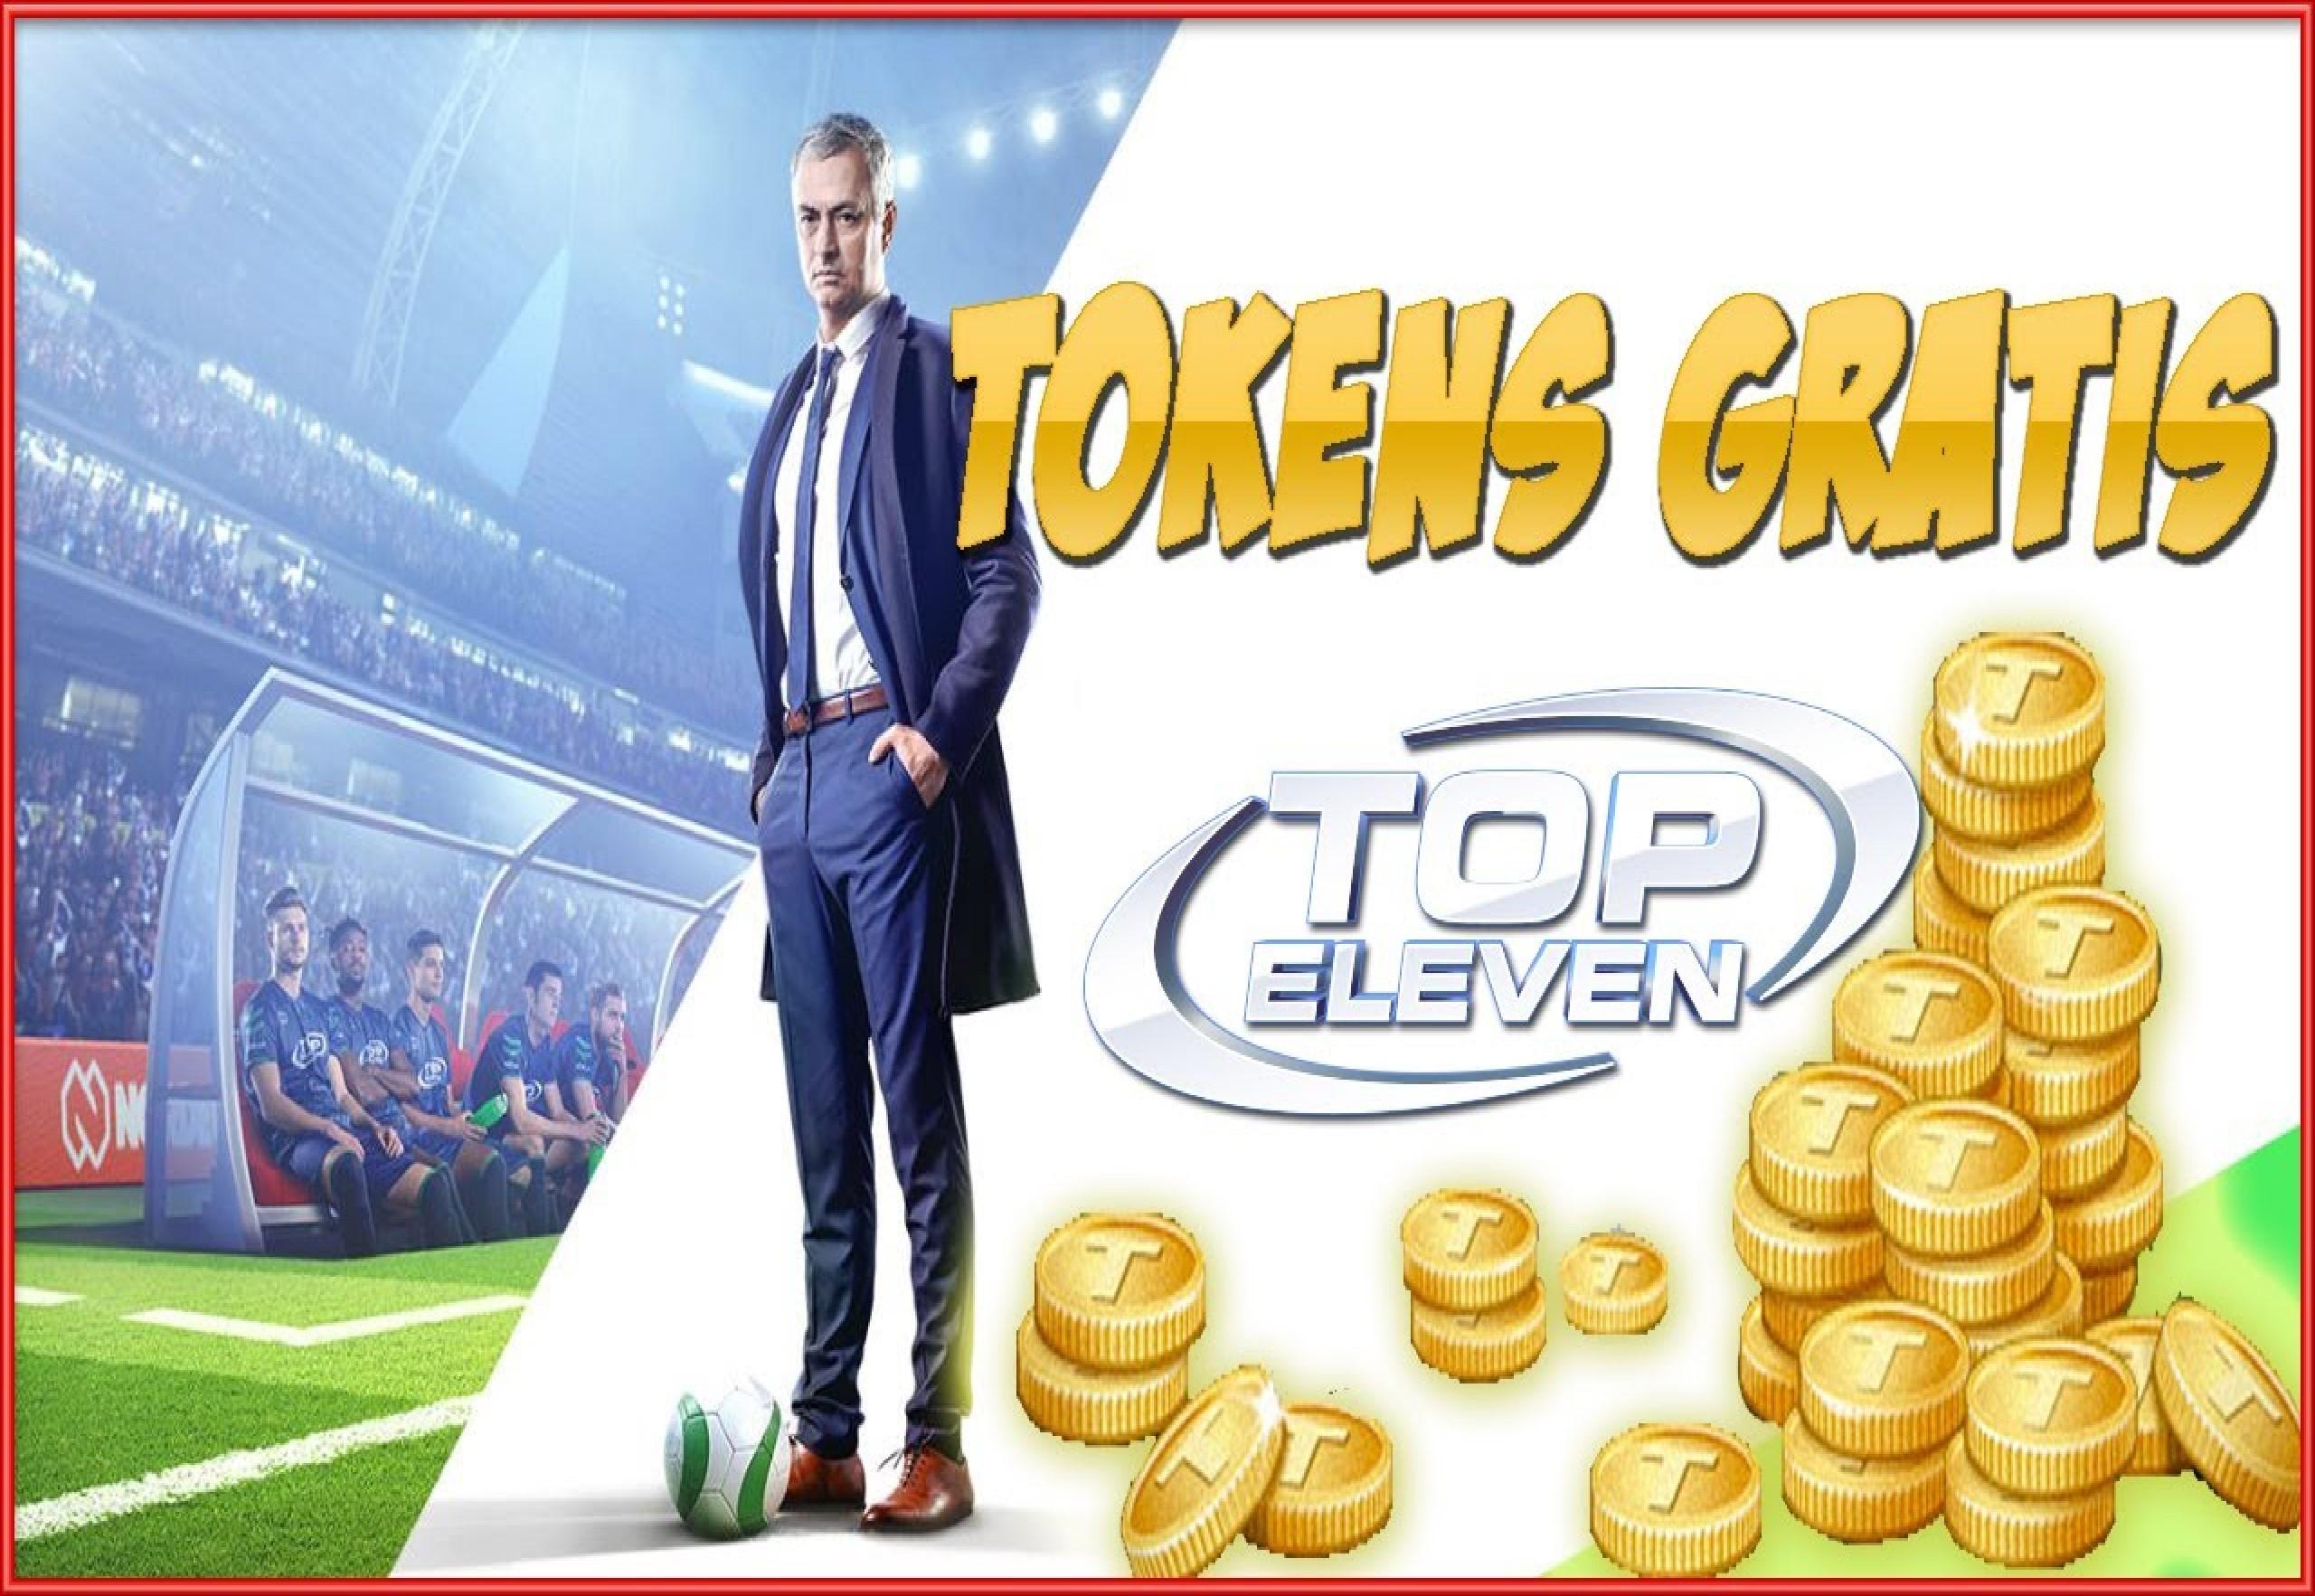 Cómo conseguir tokens gratis en Top Eleven